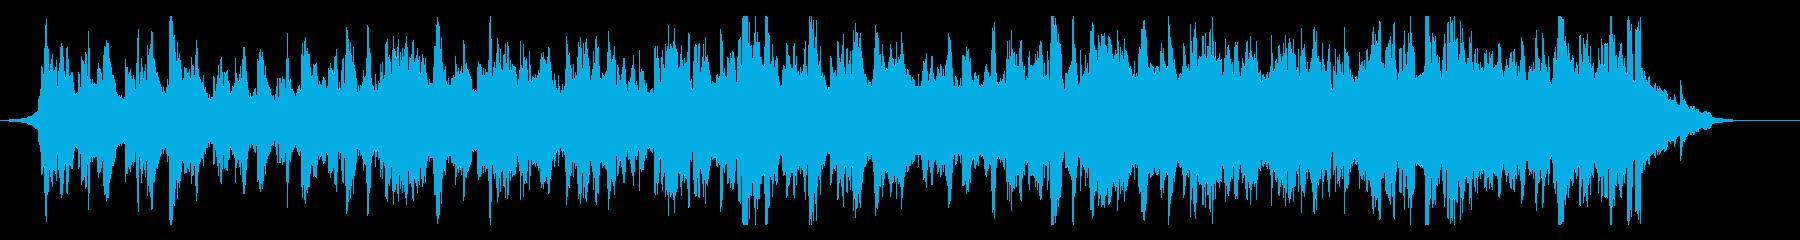 伝統的で優雅なフォークミュージックの再生済みの波形